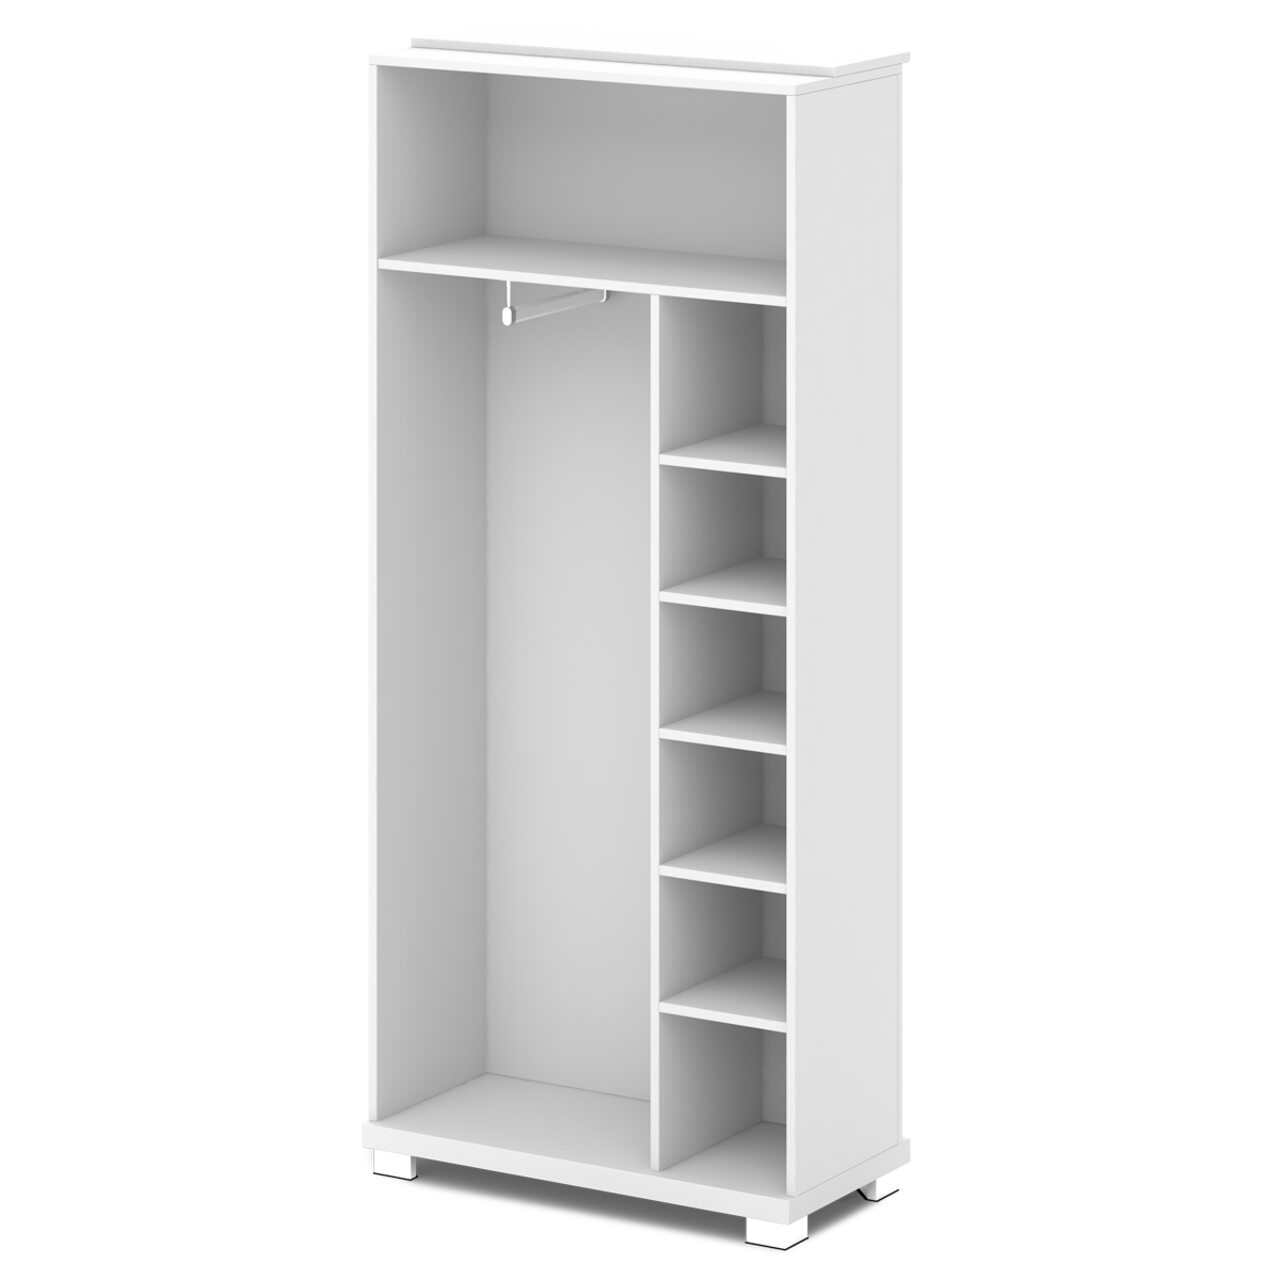 Каркас шкафа для одежды центральный  GRACE 90x44x205 - фото 3